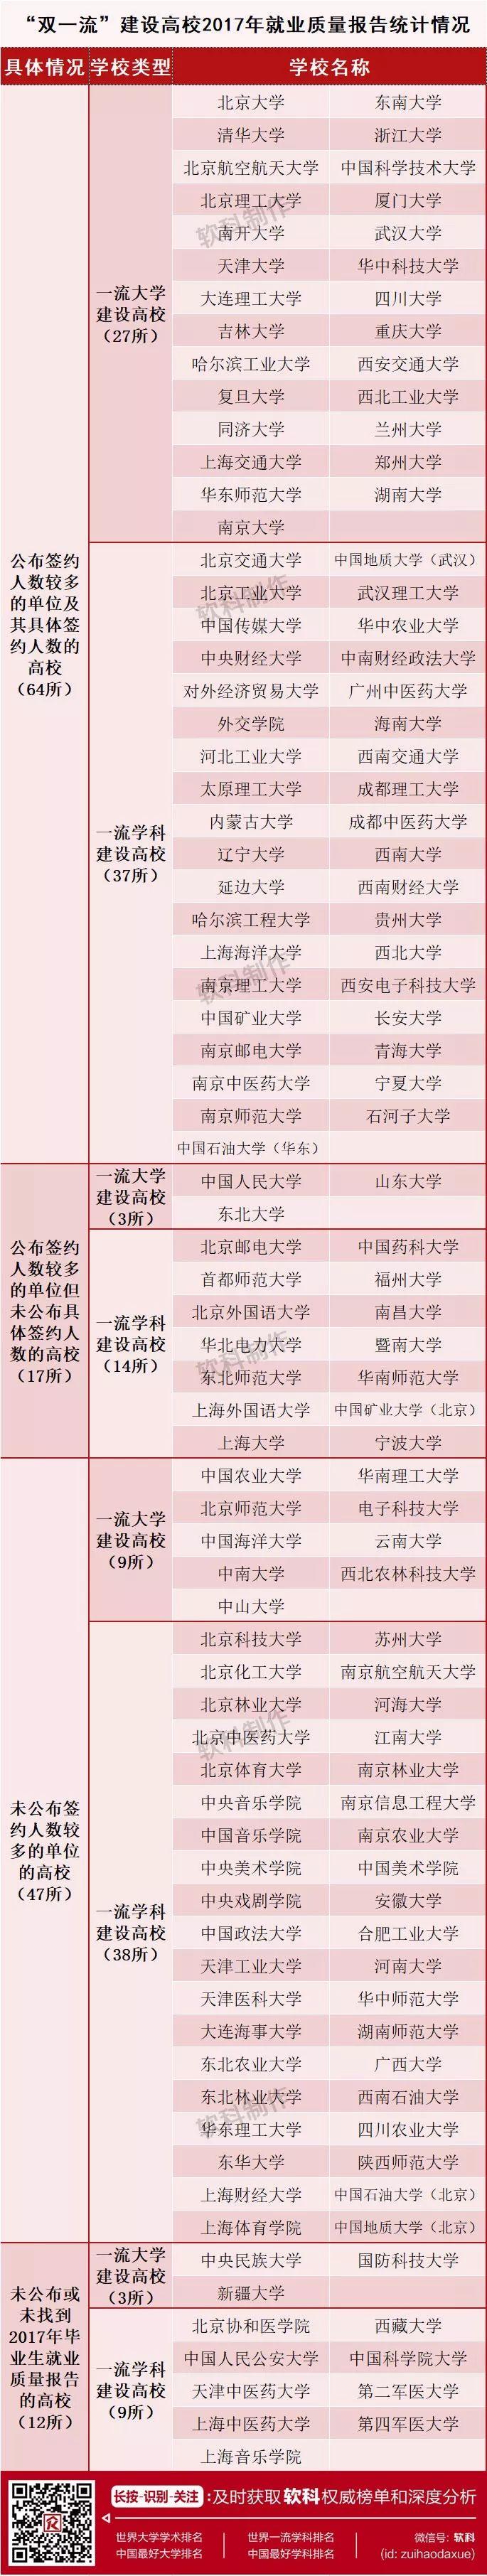 秋招特刊1:哪些企业招到的双一流学生最多?